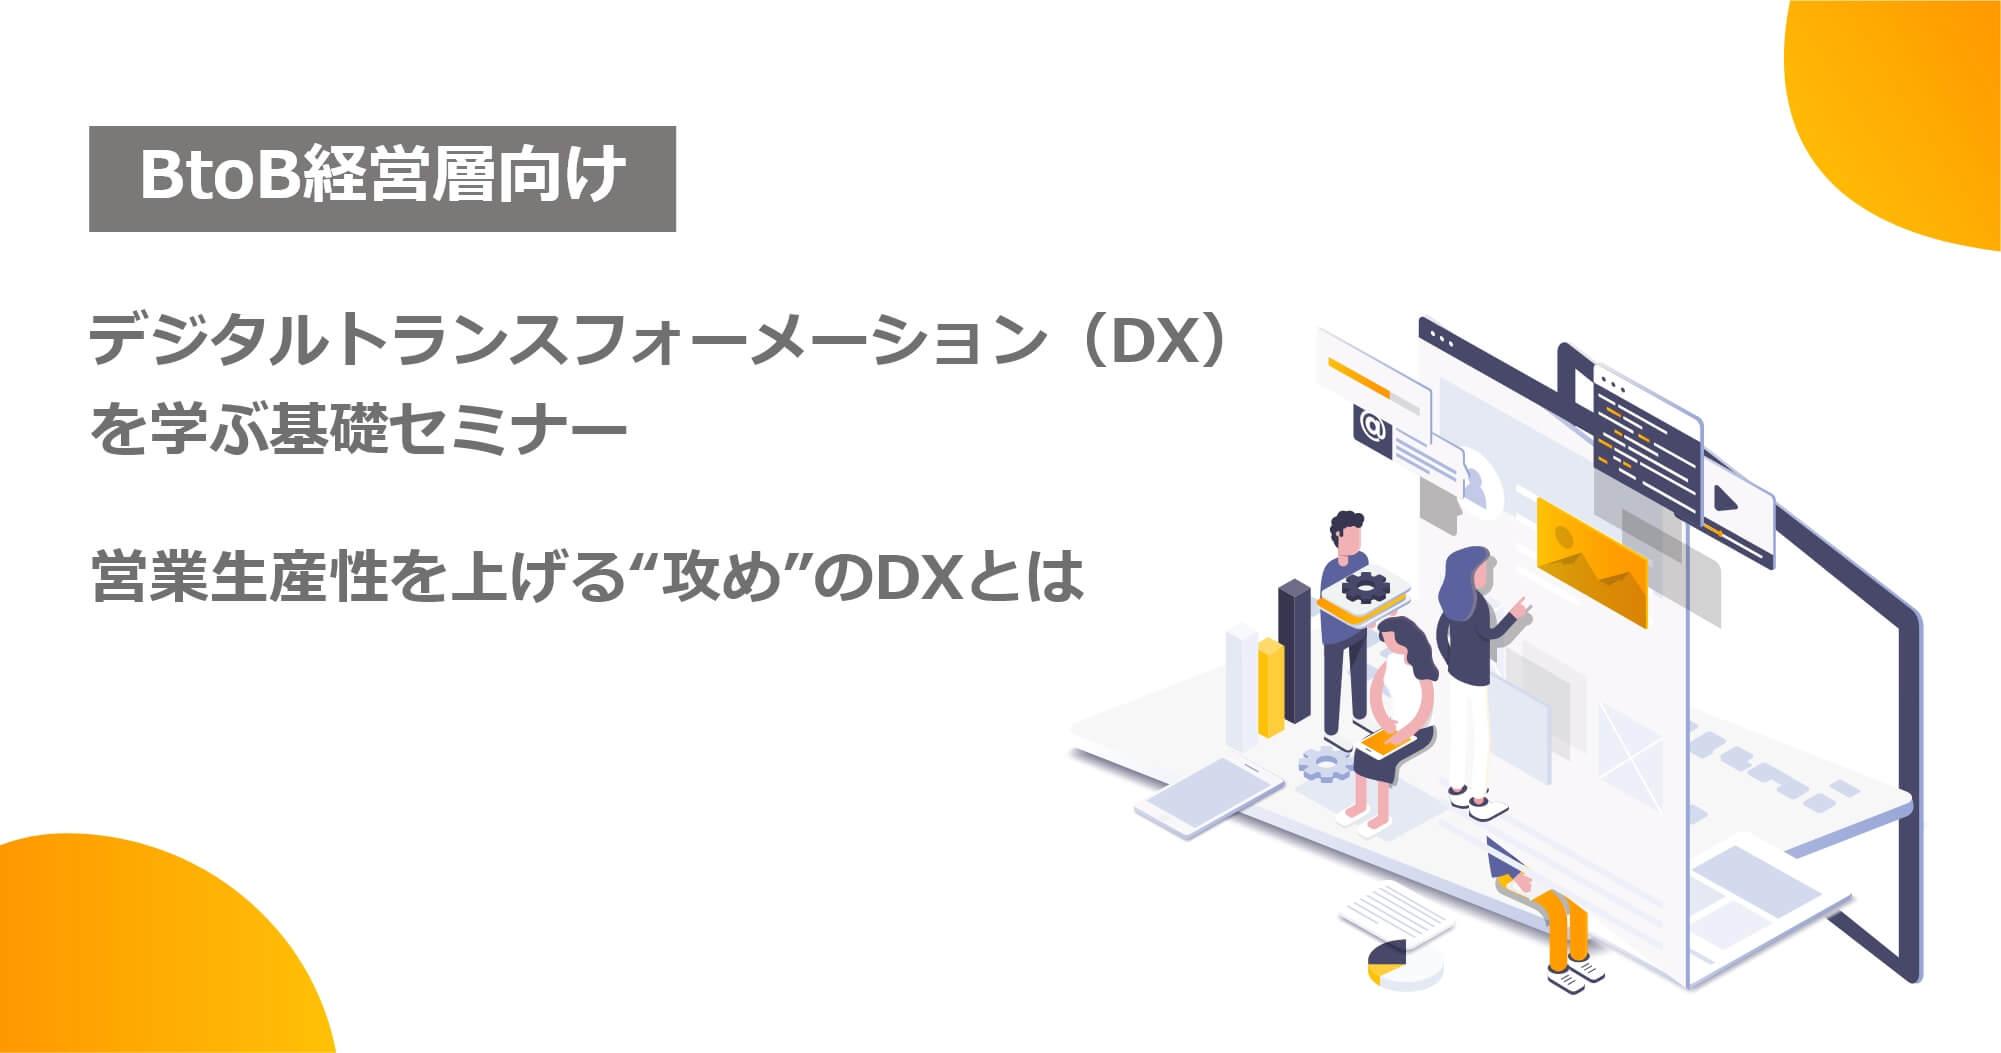 """【2月7日(金)】デジタルトランスフォーメーション(DX)を学ぶ基礎セミナー 営業生産性を上げる""""攻め""""のDXとは"""